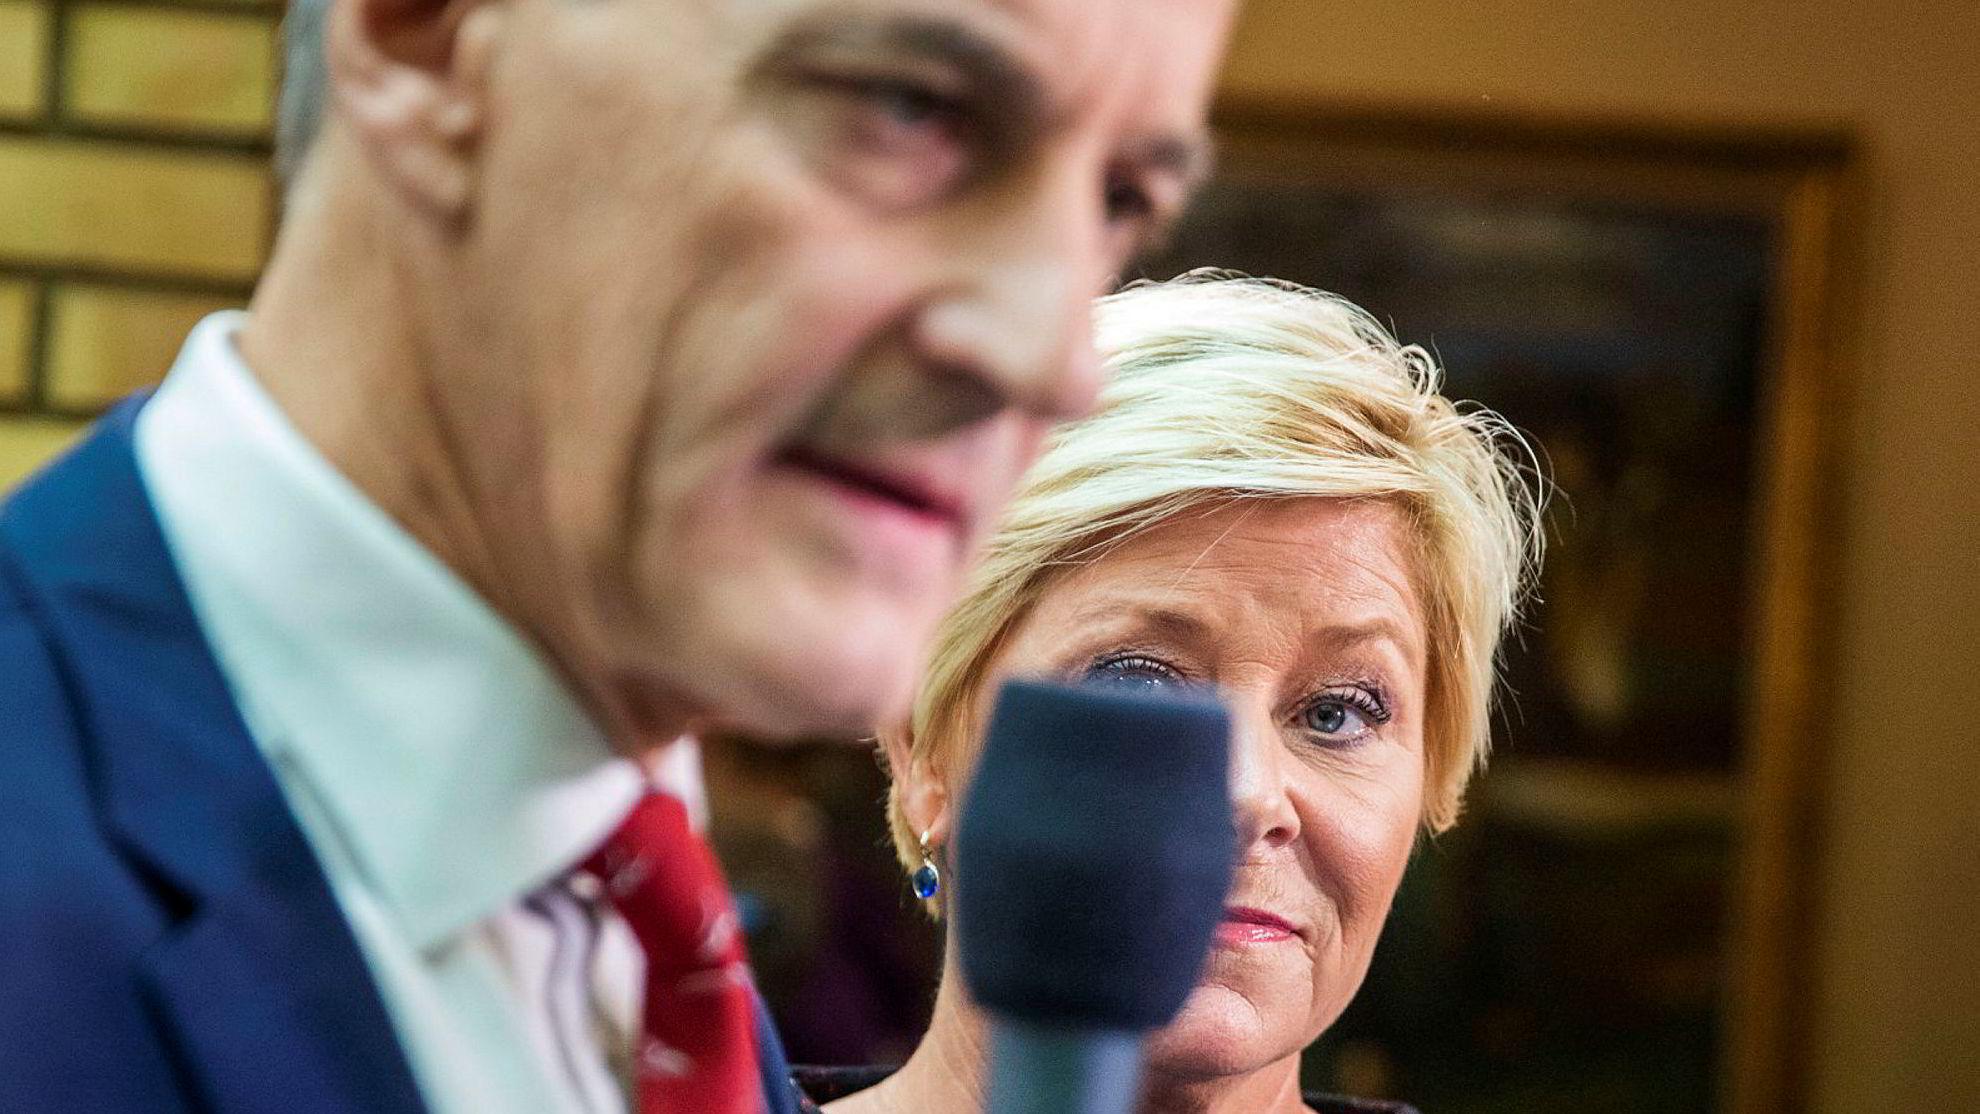 «Siv Jensens parti hadde bygget seg stort på billig retorikk mot fondets grunnprinsipper. Disse har overlevd selv hennes seks år ved roret», skriver Arbeiderpartiets leder Jonas Gahr Støre.